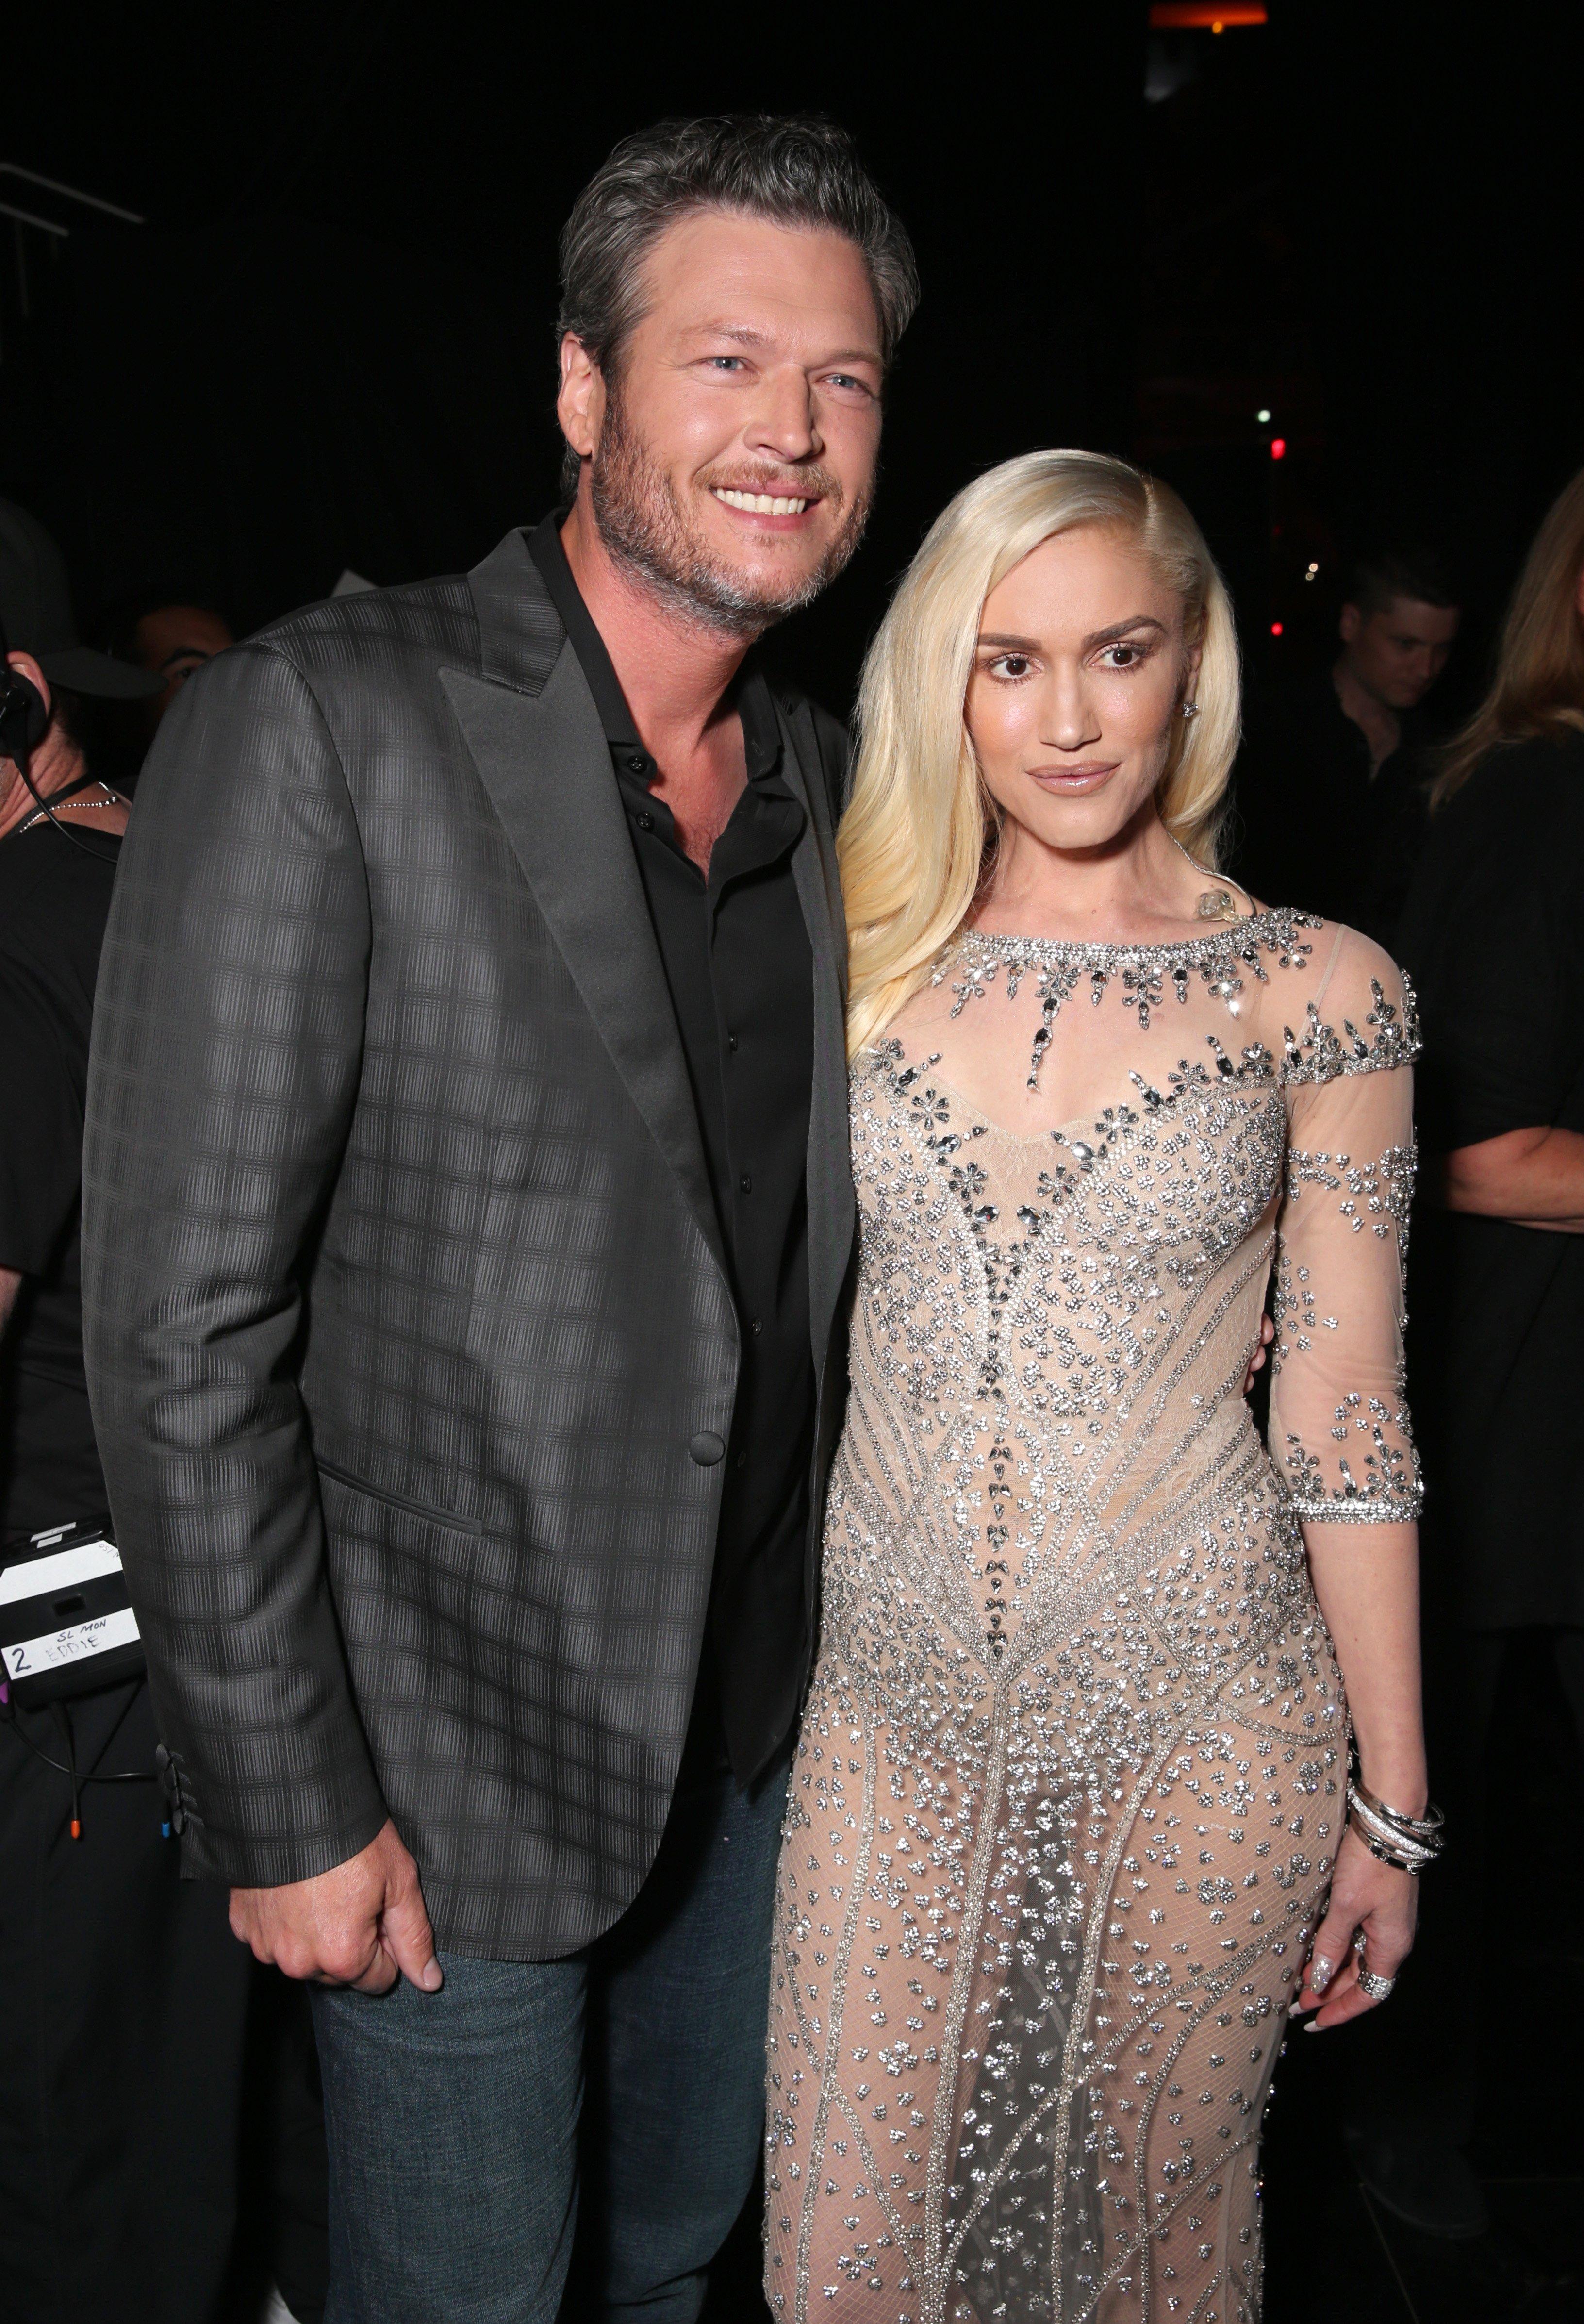 Gwen Stefani and Boyfriend Blake Shelton Step Out in